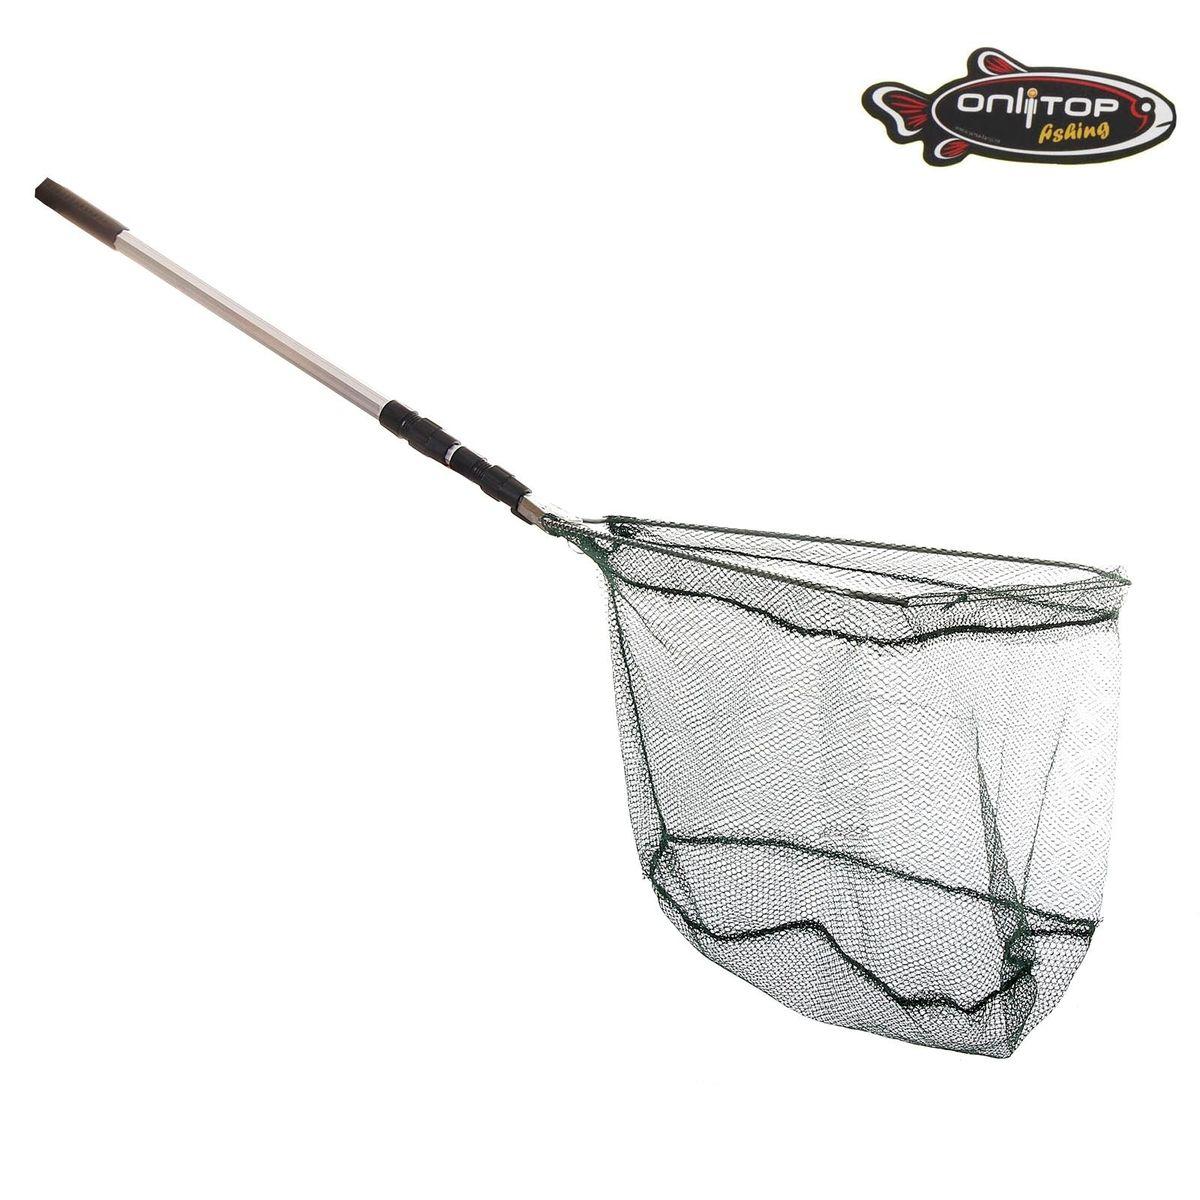 Подсачник рыболовный Onlitop, складной, диаметр 37 см, длина ручки 1 мLJ-7070-200Подсачник рыболовный, складной d=37 см, алюминиевая ручка 1 м, , имеет мелкую сетку. Это позволяет более бережно доставать рыбу, не нанося вреда её чешуе.